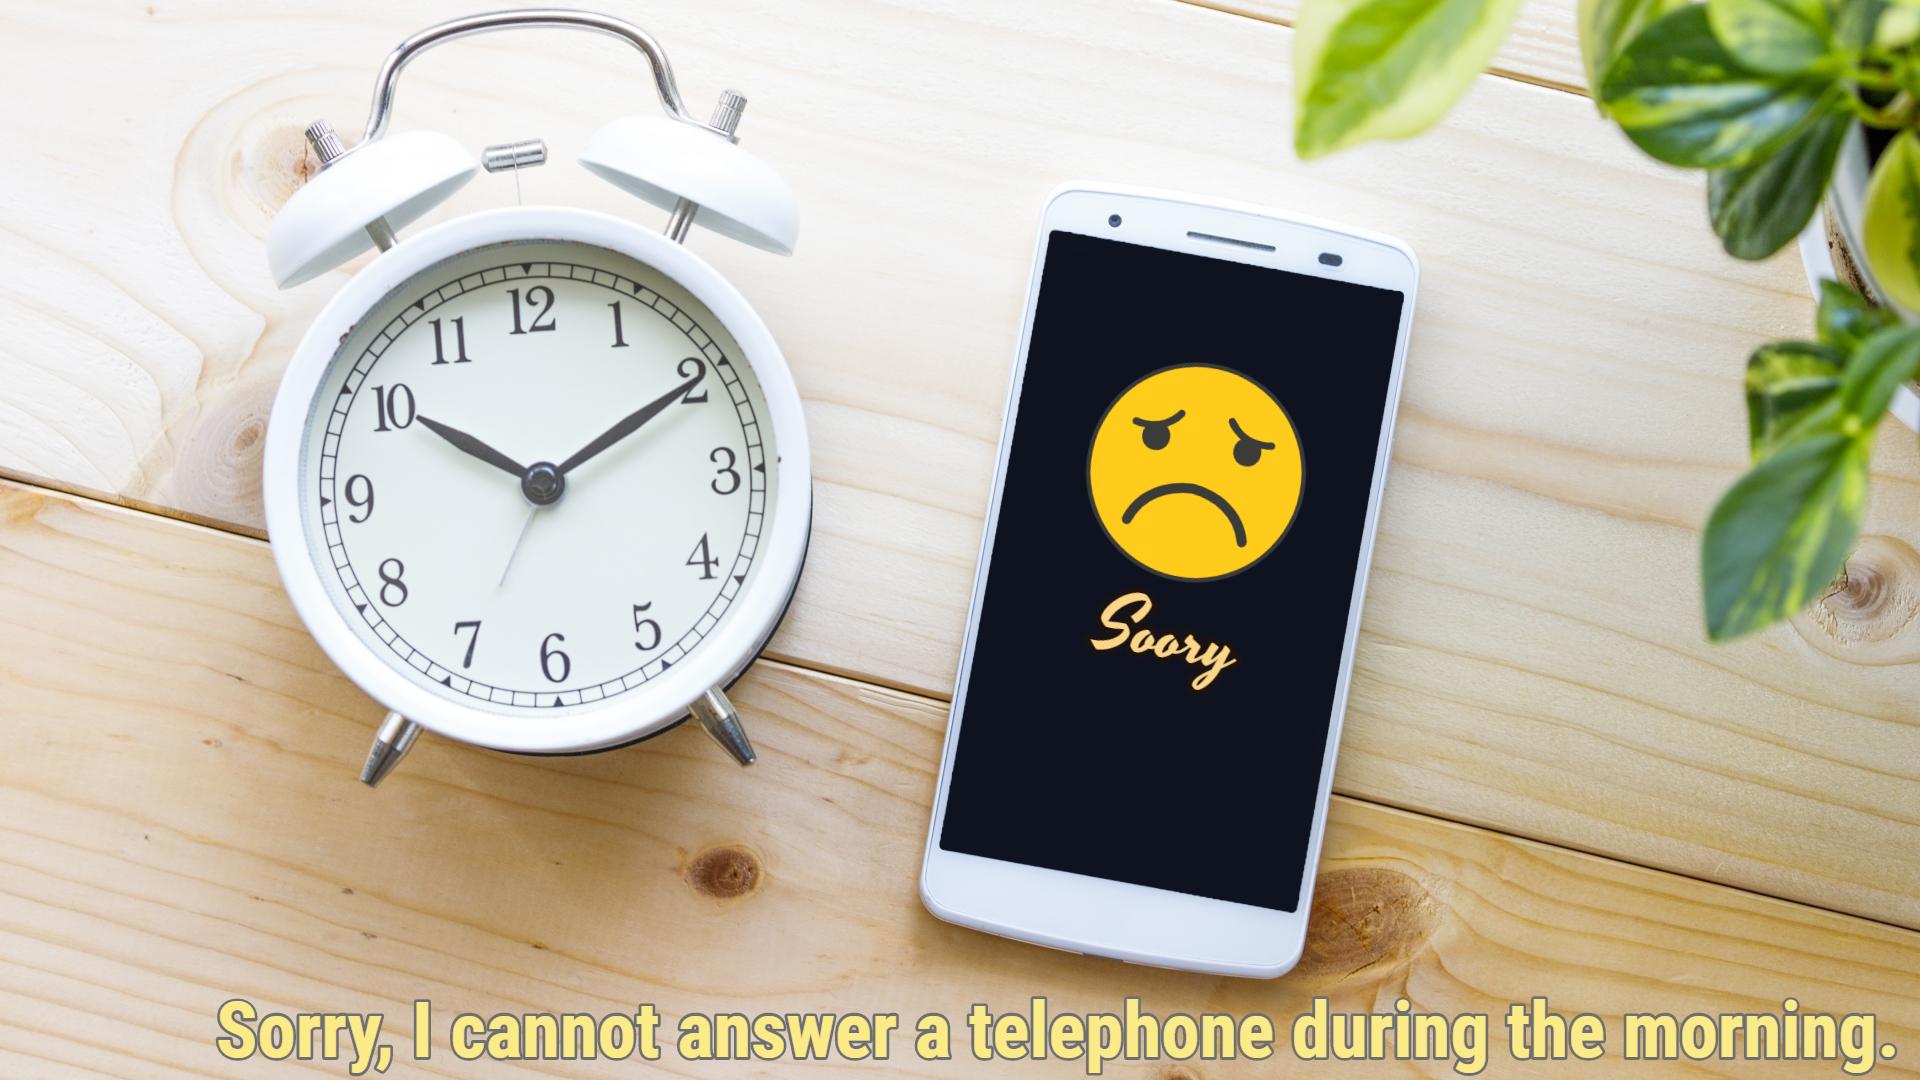 午前中の電話は勘弁して欲しいのだが・・|職住隣接物語 ngsw.net